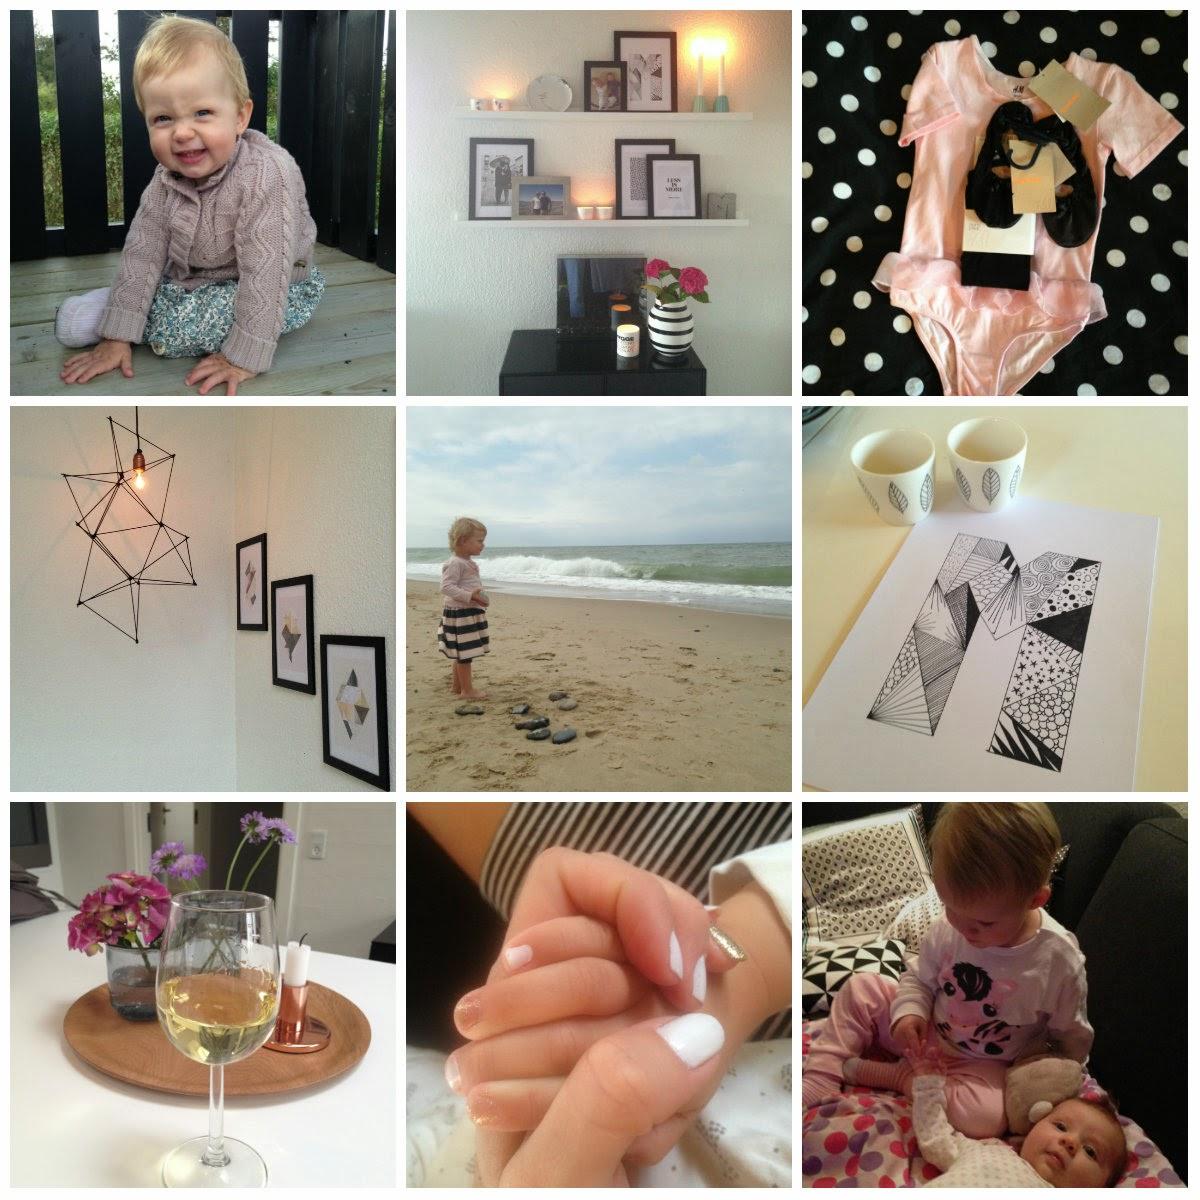 Udvalg af billeder fra Instagram @liljohansen83